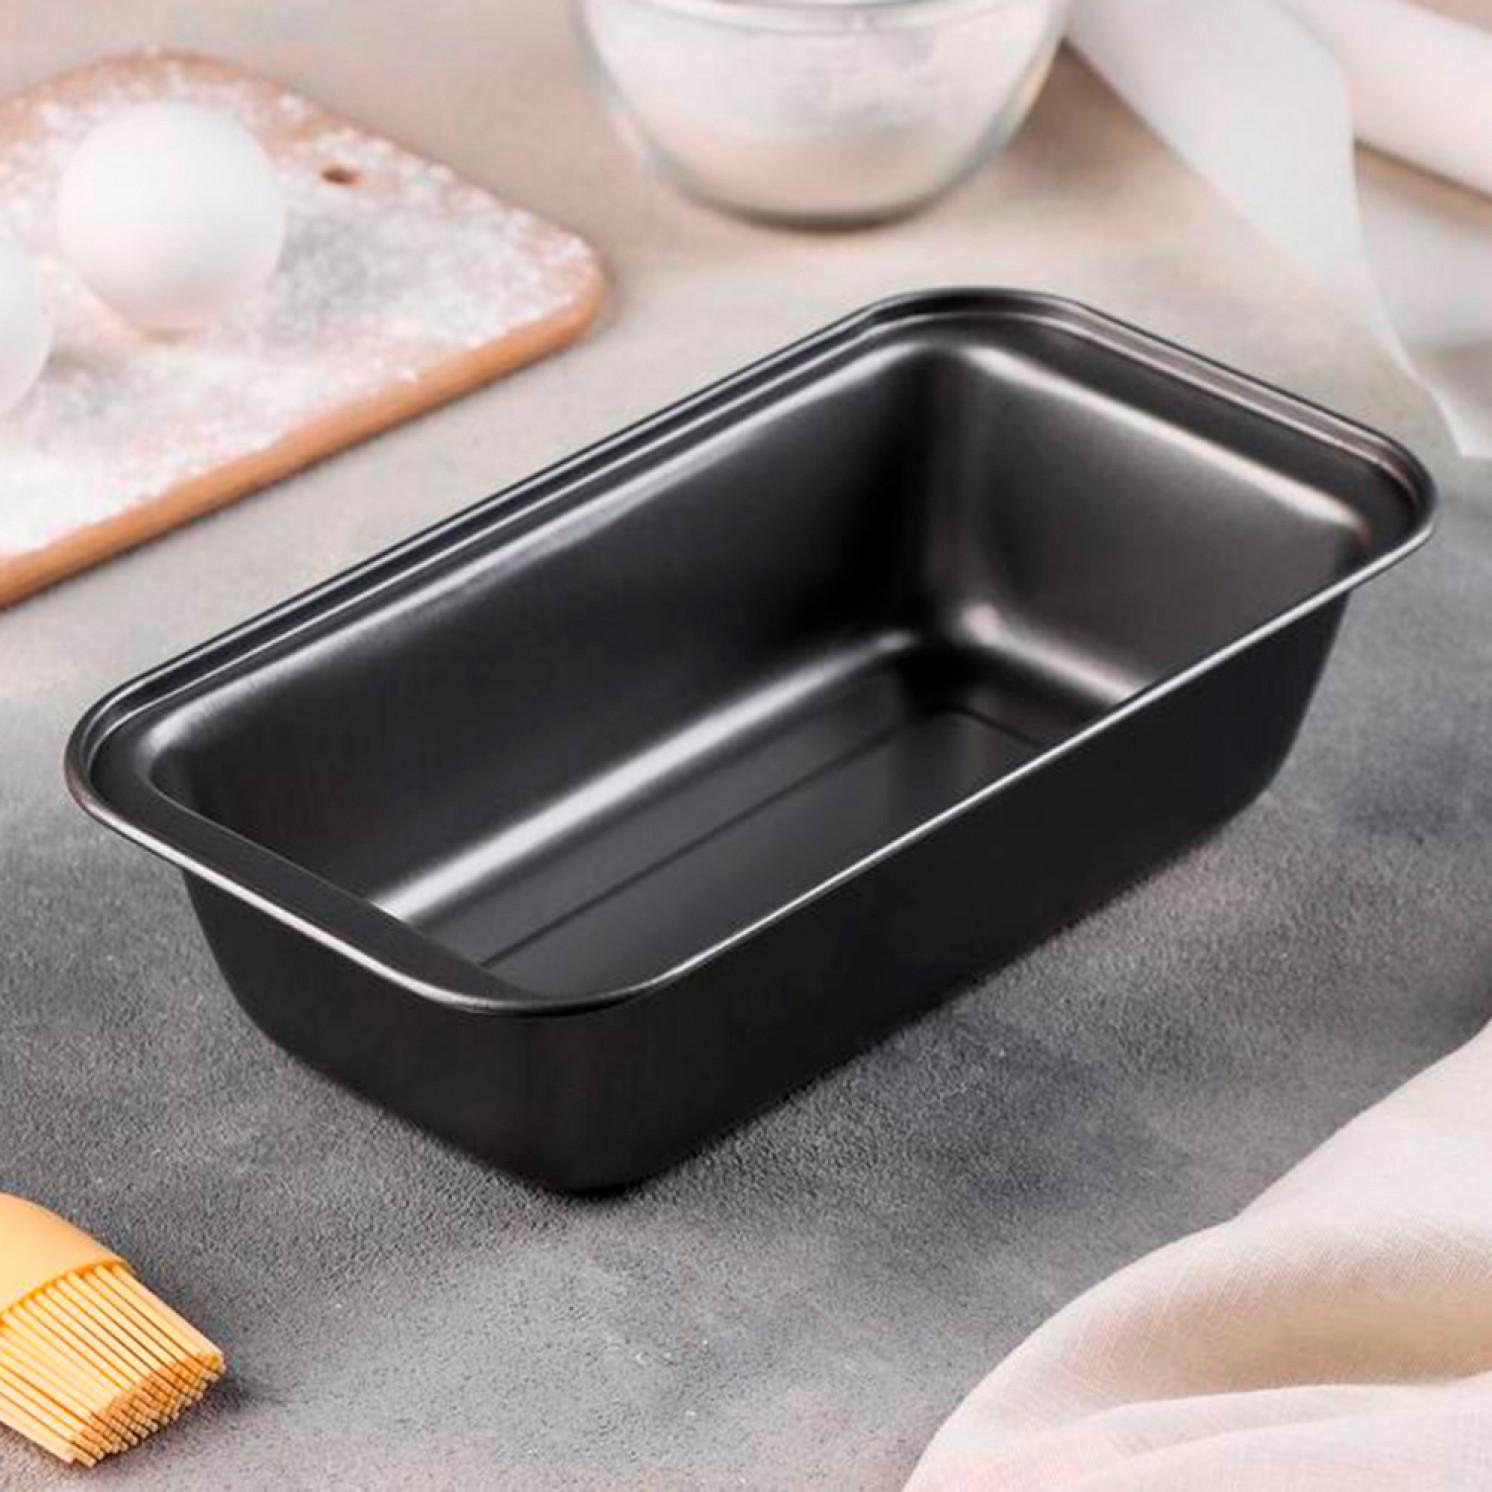 Форма для выпечки «Жаклин. Хлеб», 25×13×6 см, антипригарное покрытие